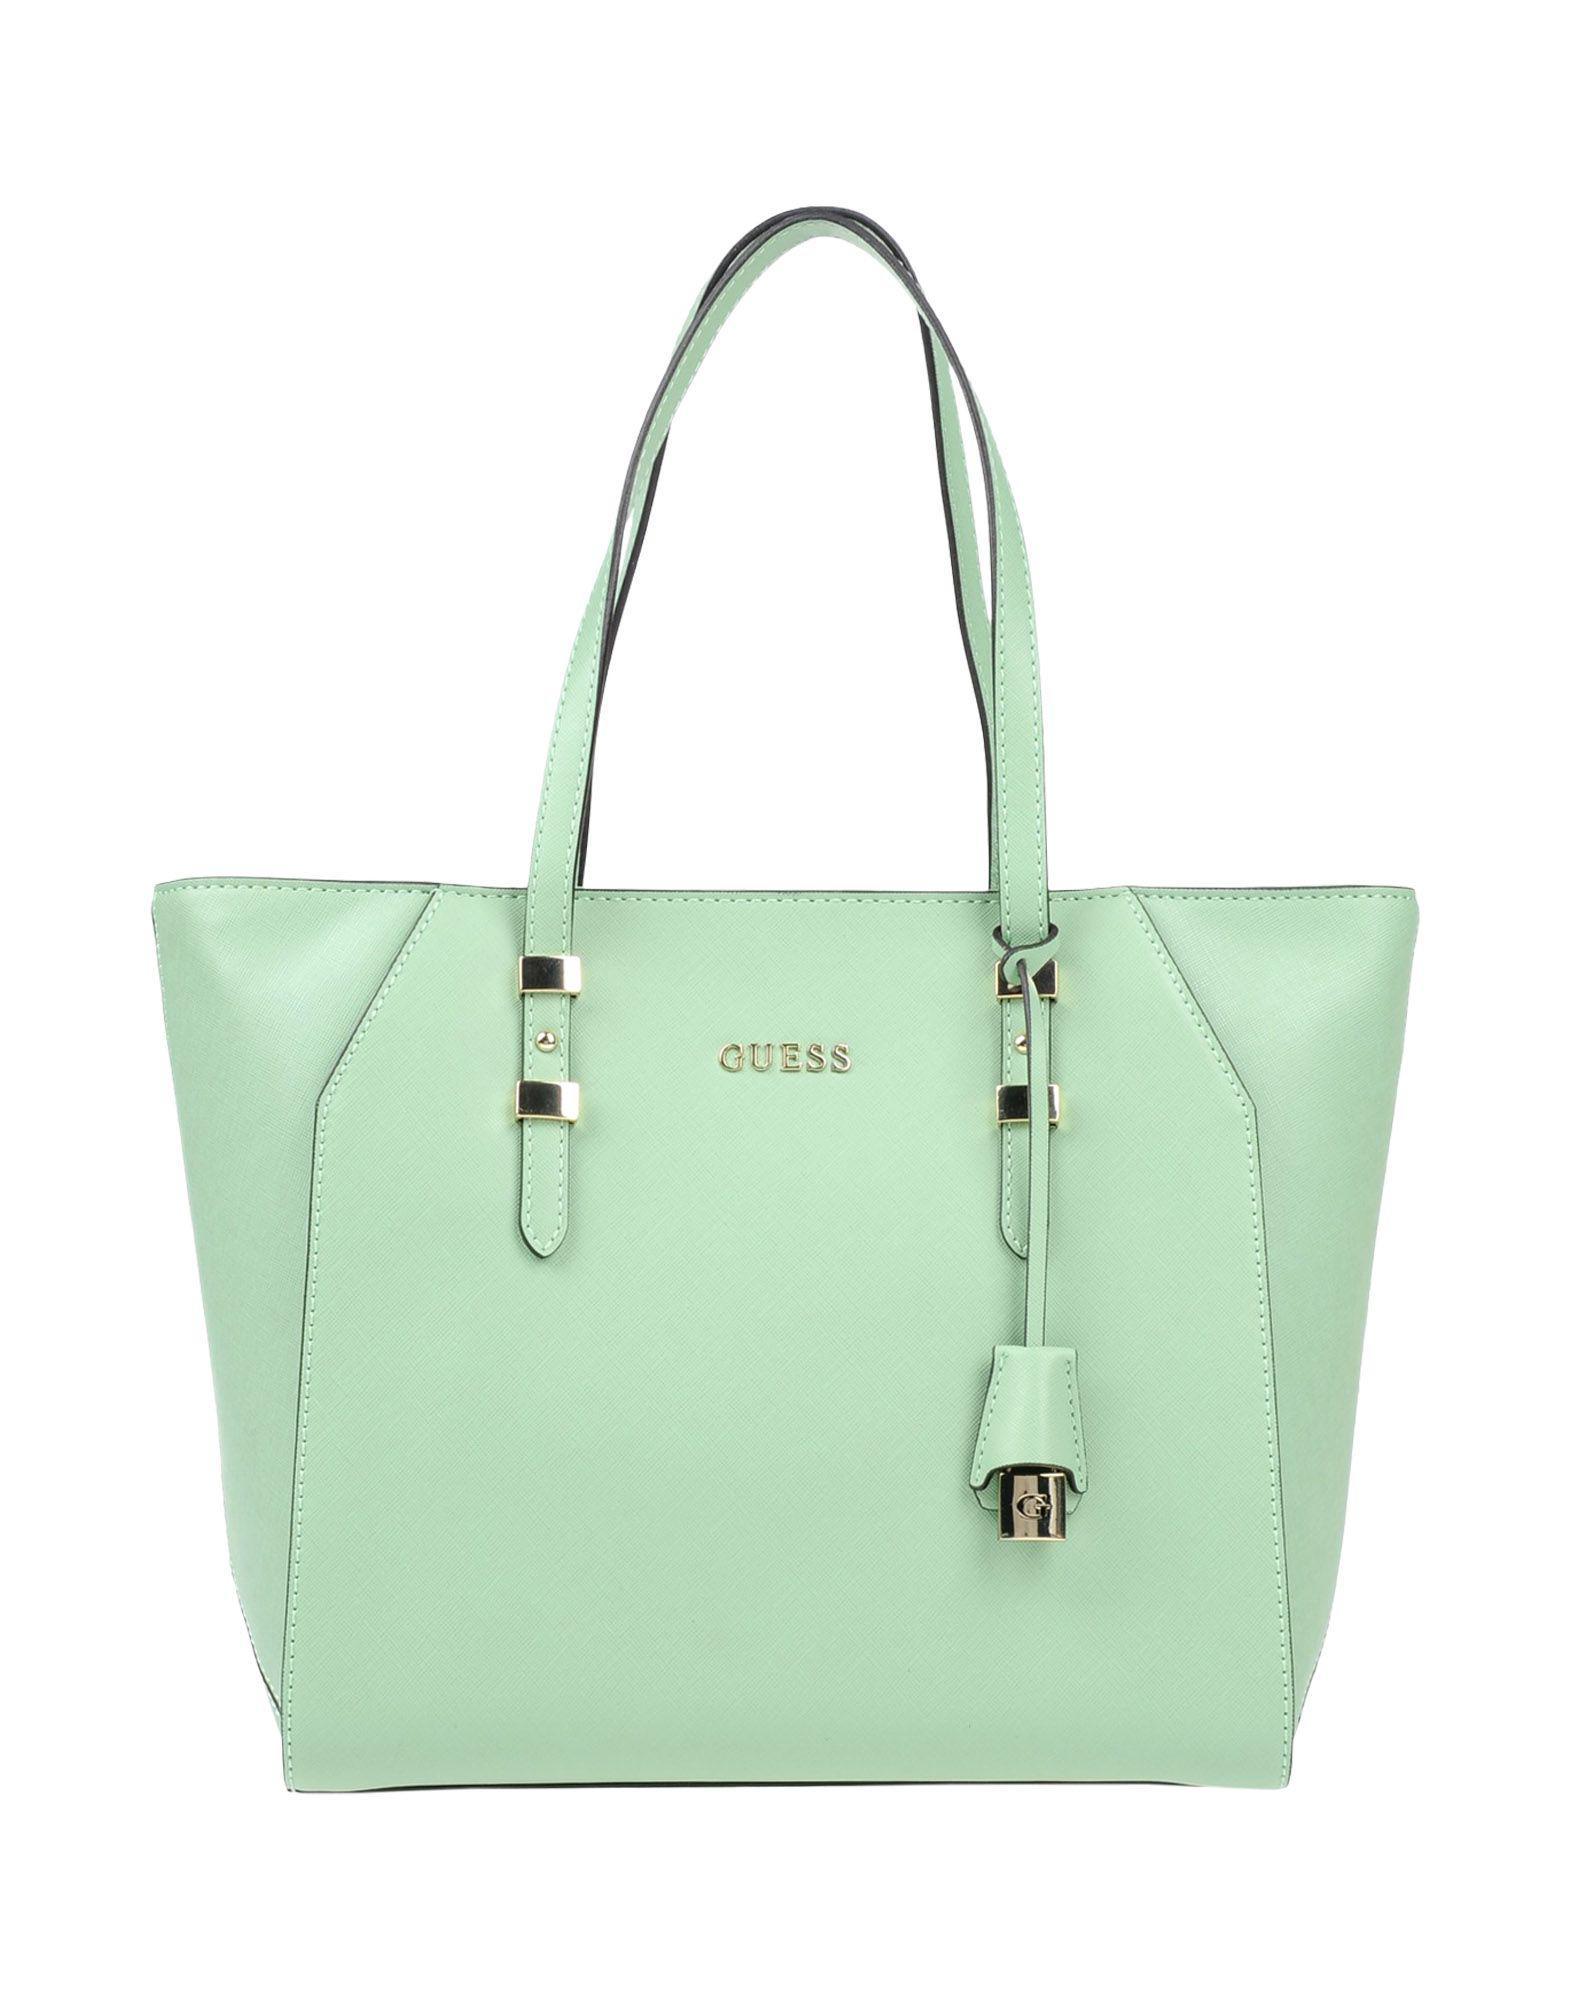 Lyst - Guess Handbag in Green